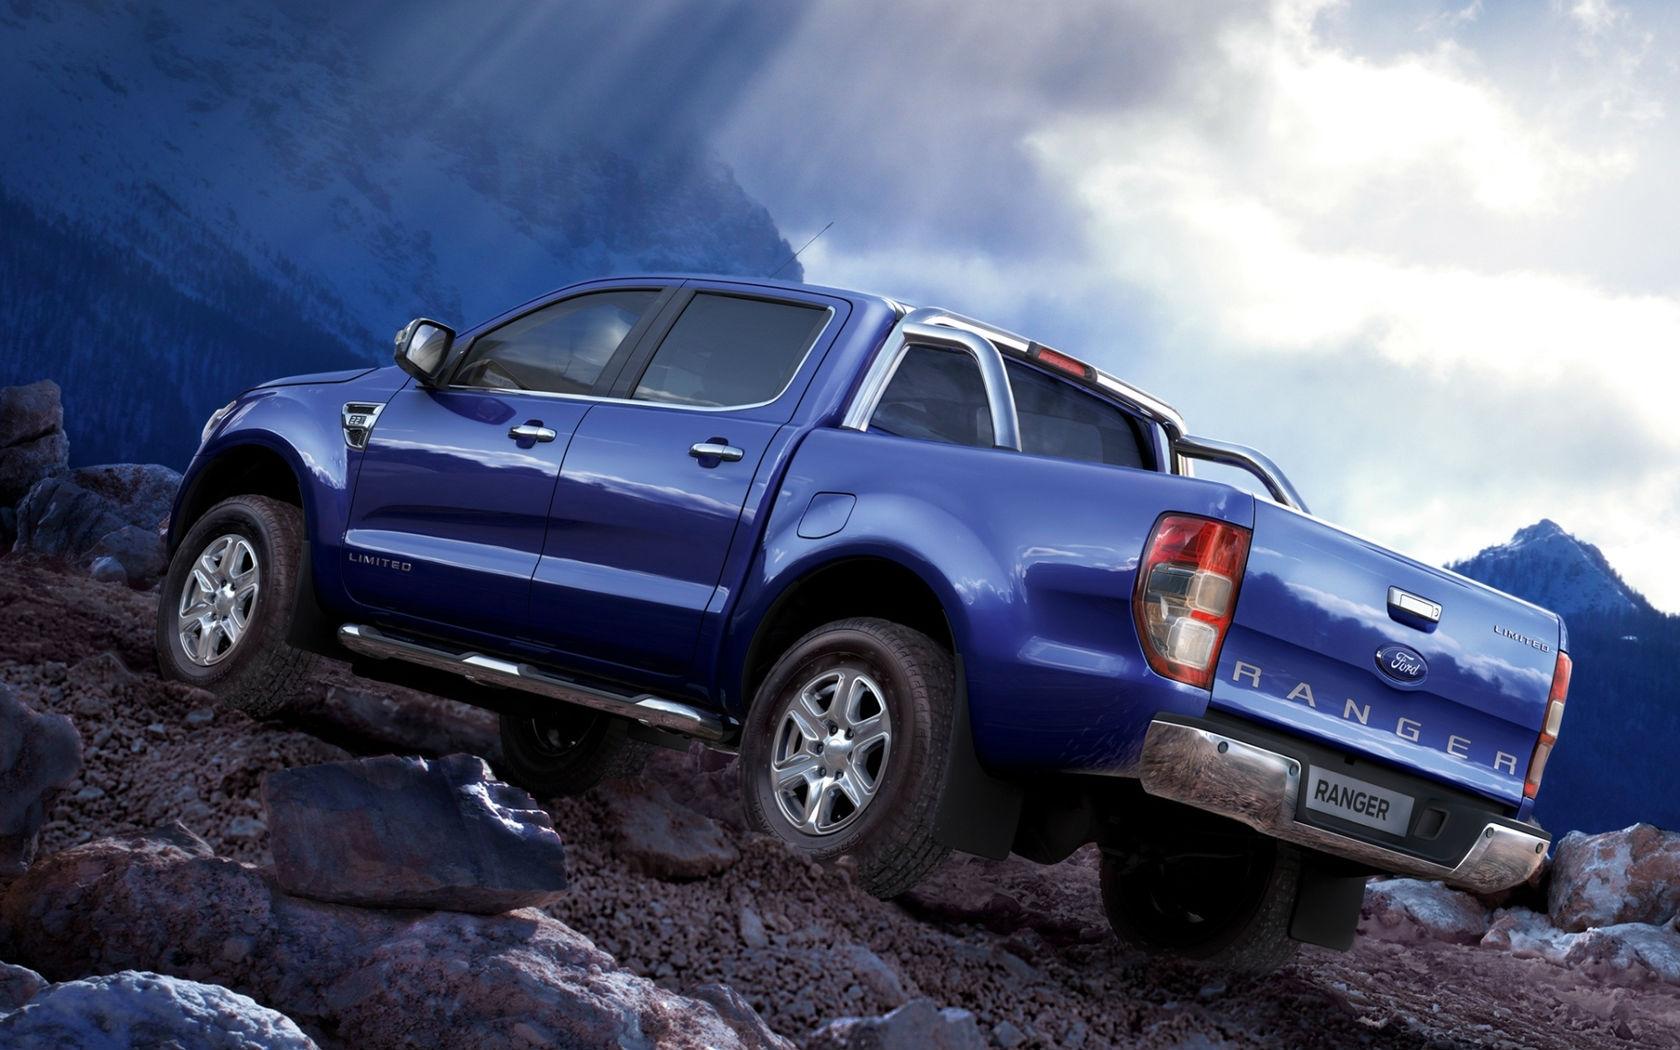 Blue Ford Ranger Truck Wallpaper   HD 1680x1050